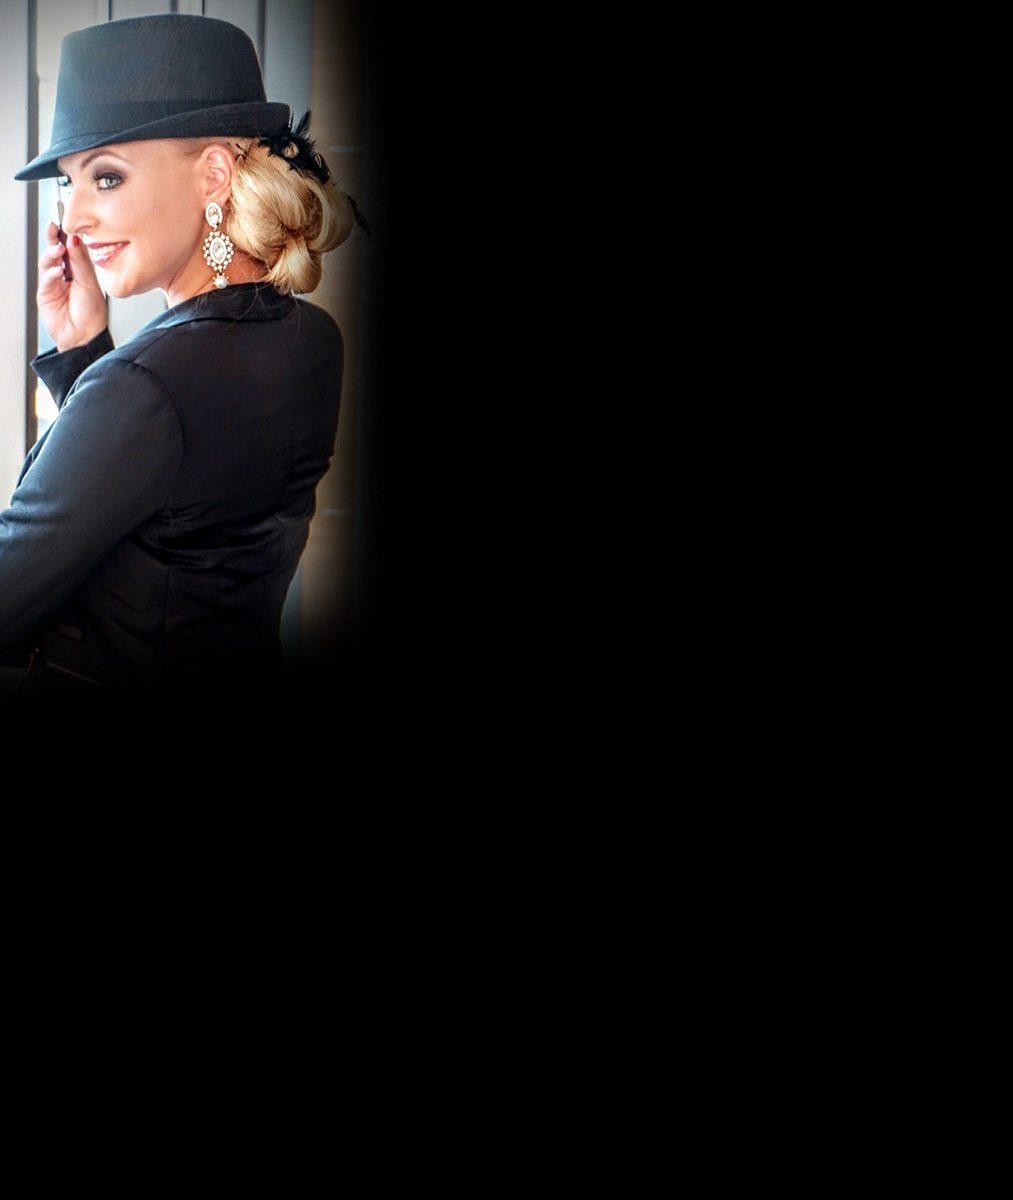 Konvičková popsala představu vysněné svatby. Kvůli veselce hodlá bývalá hvězda Tváře uprchnout daleko z Česka